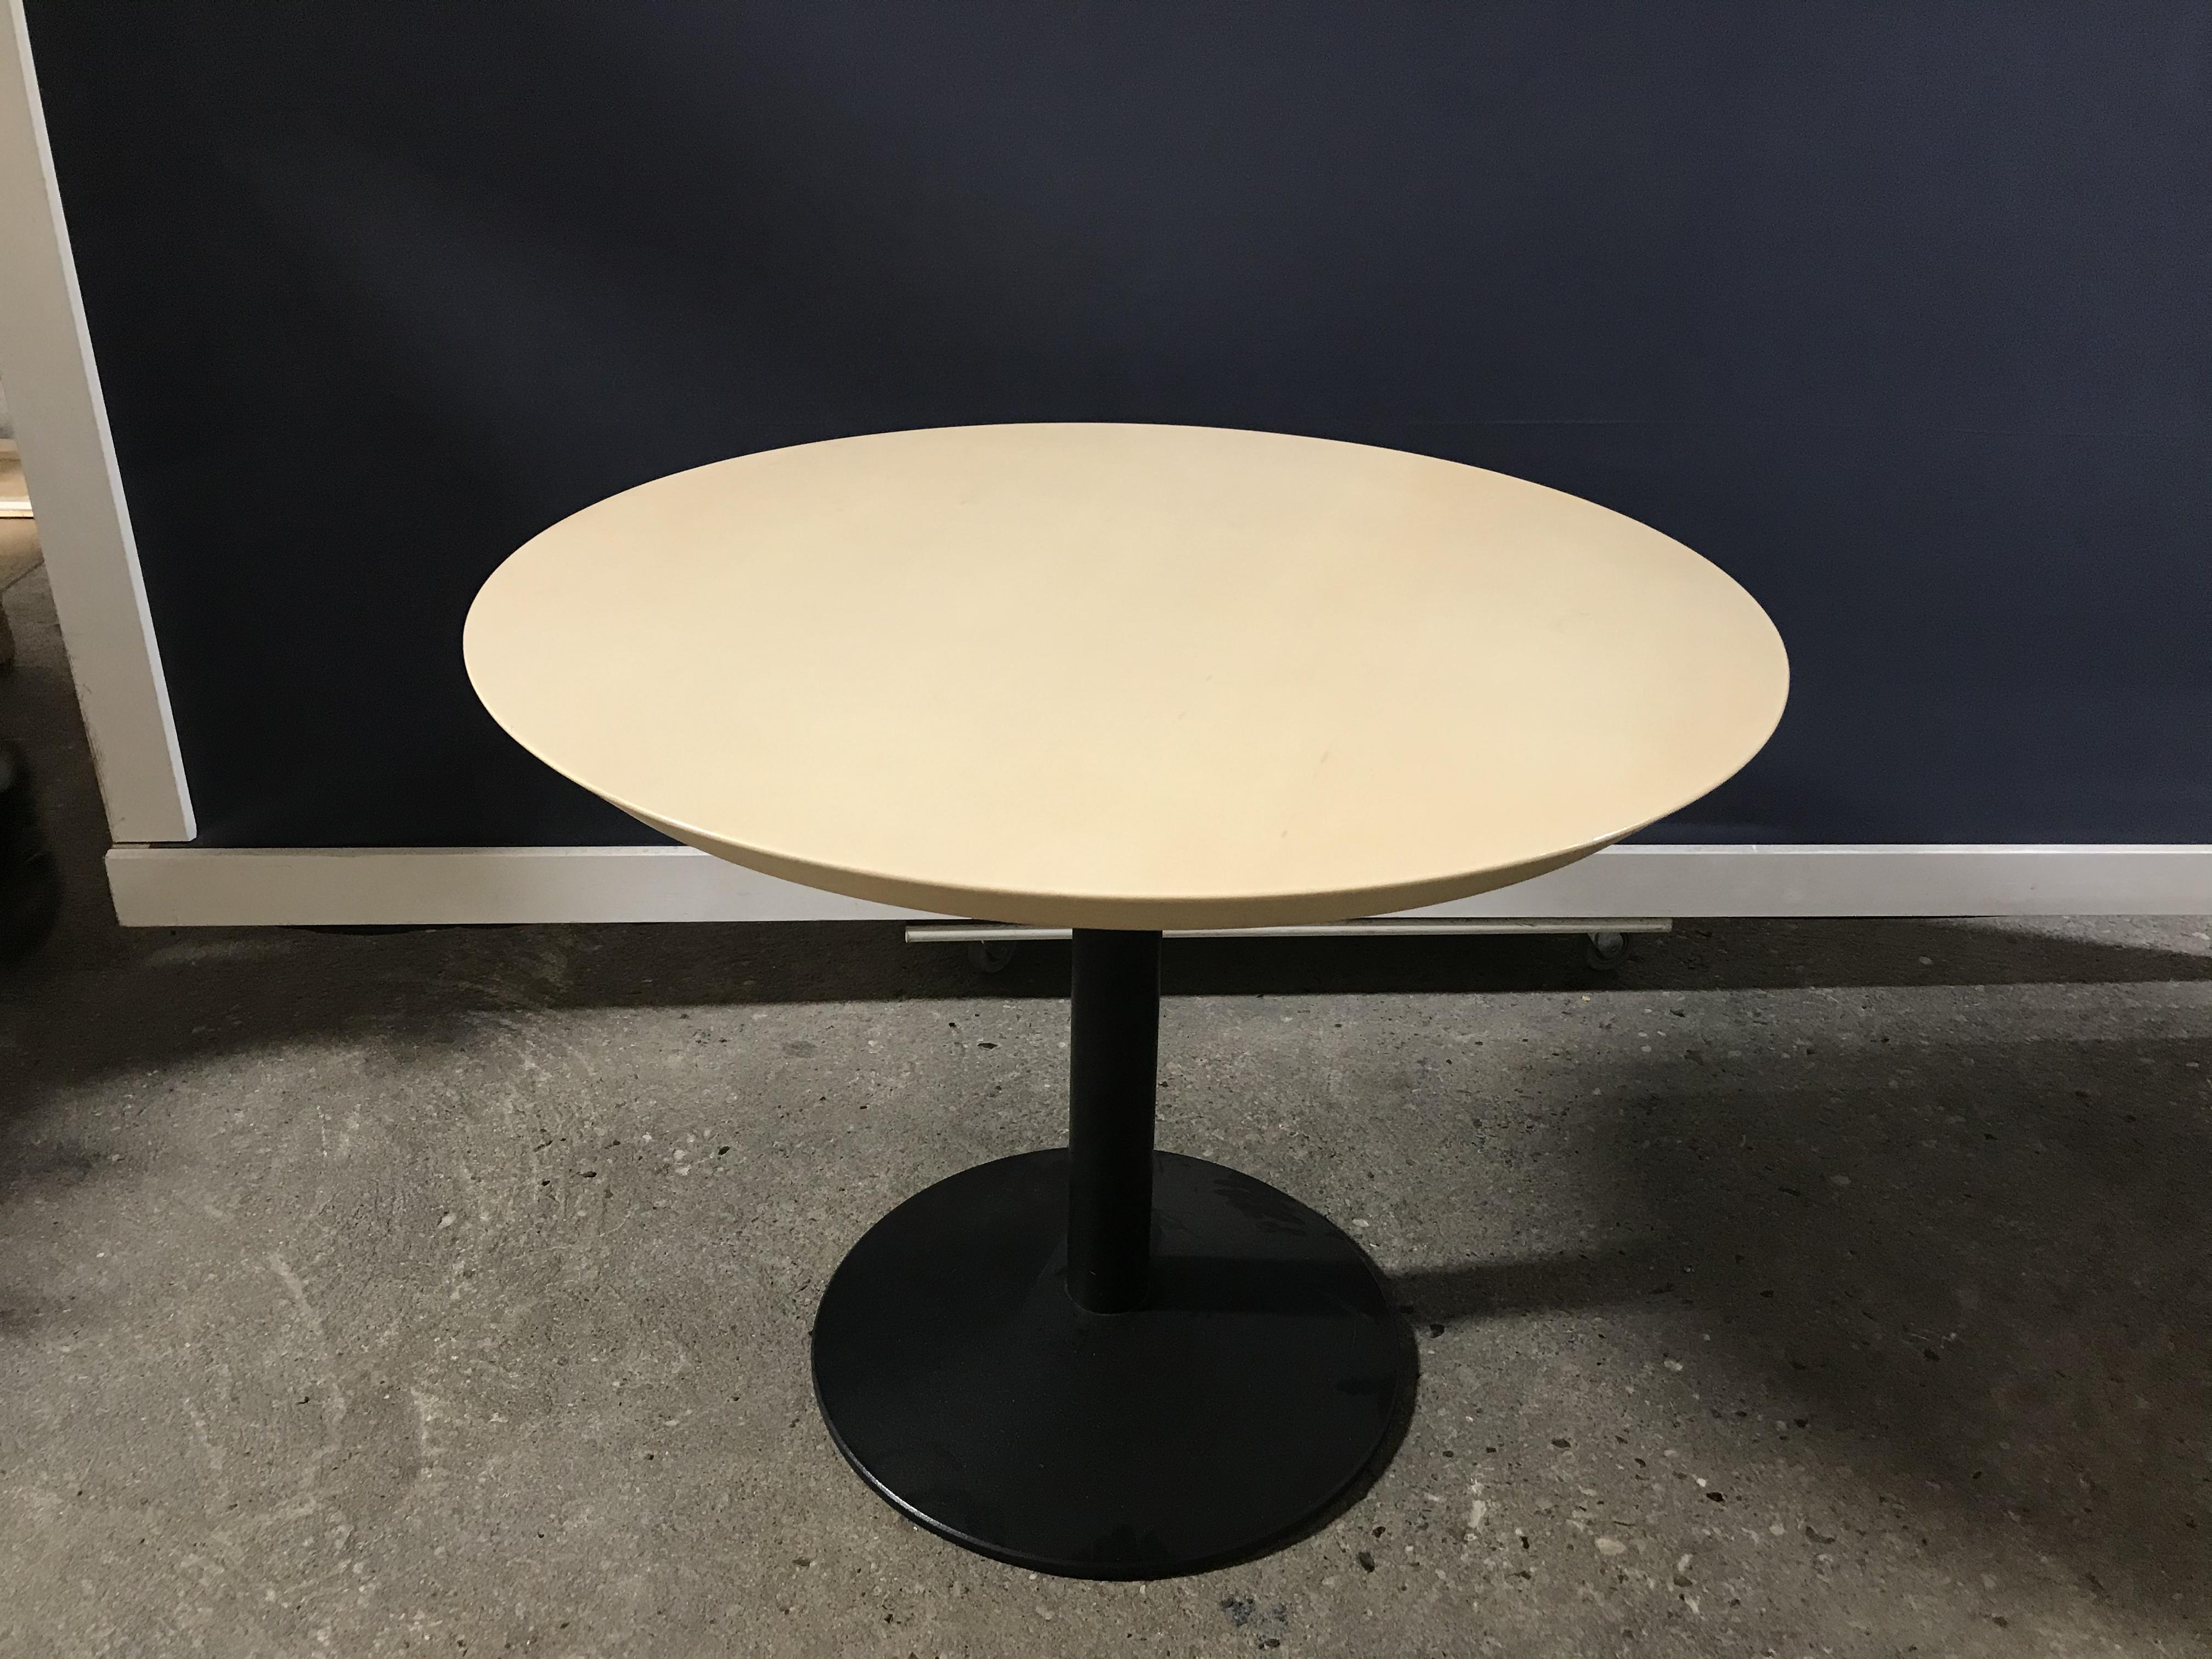 Billigt spisebord J. Jensen Genbrug